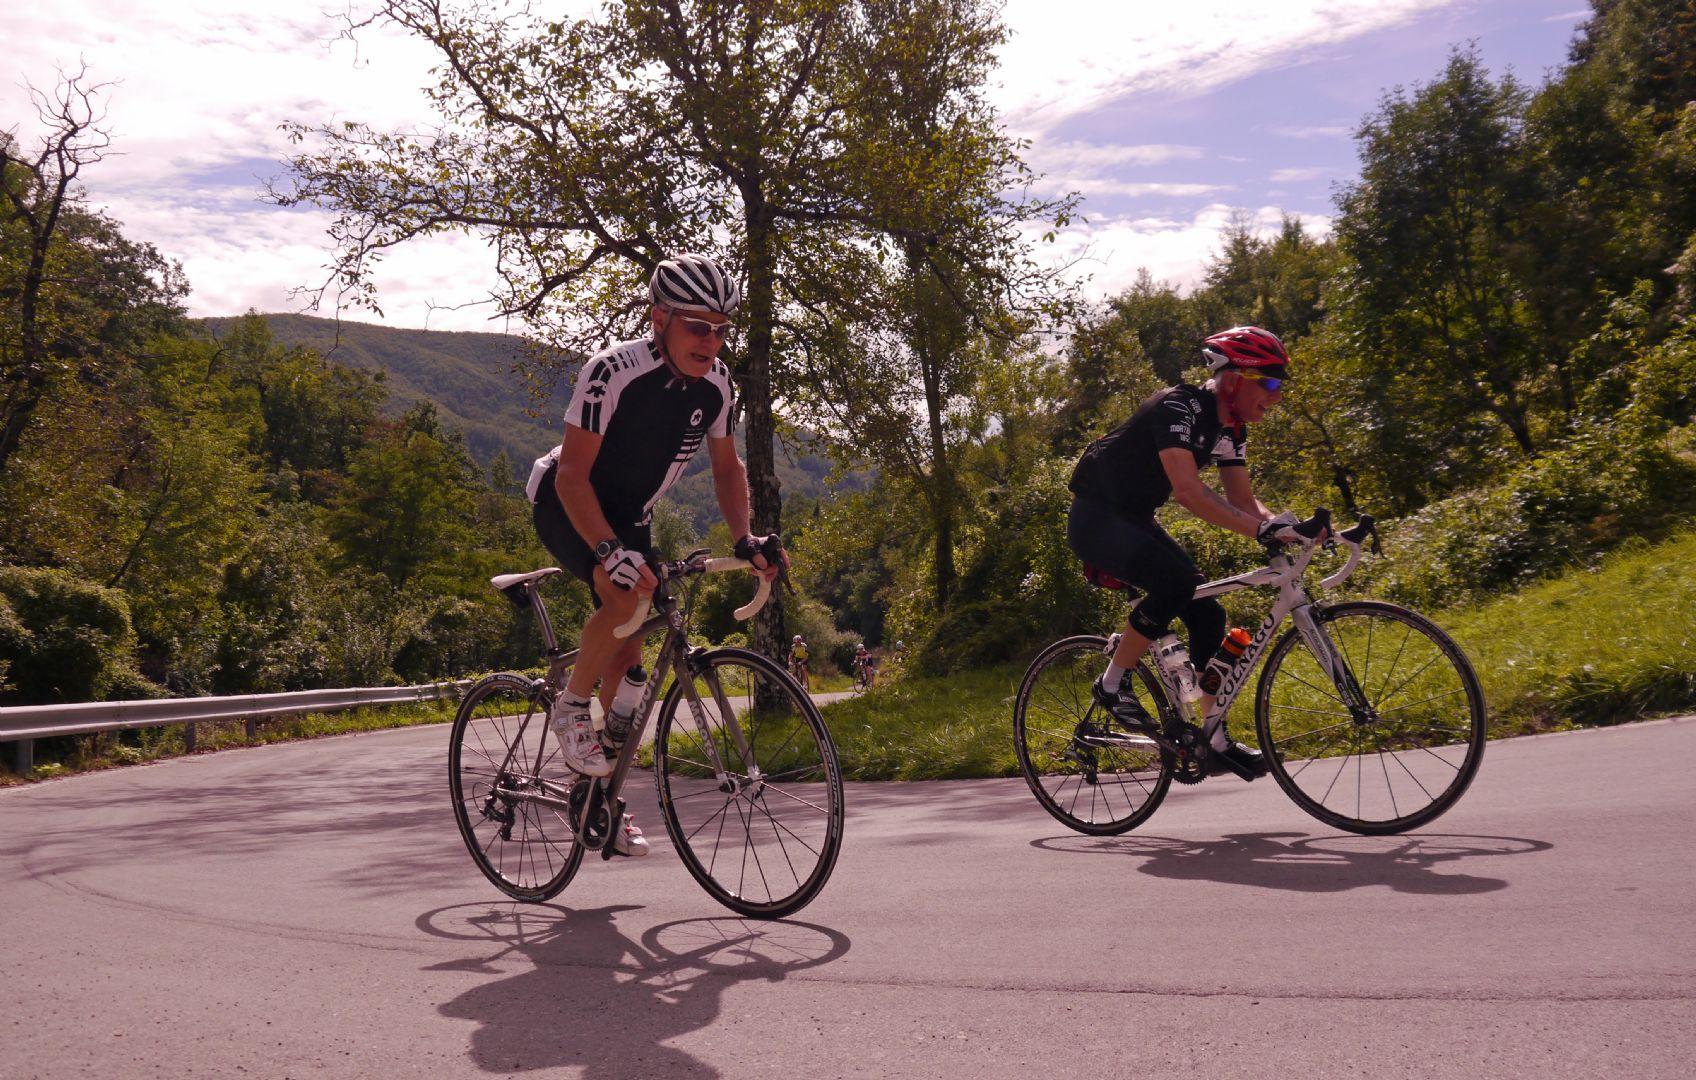 Climbing pair.jpg - Italy - Garfagnana - The Mountains of Tuscany - Italia Road Cycling